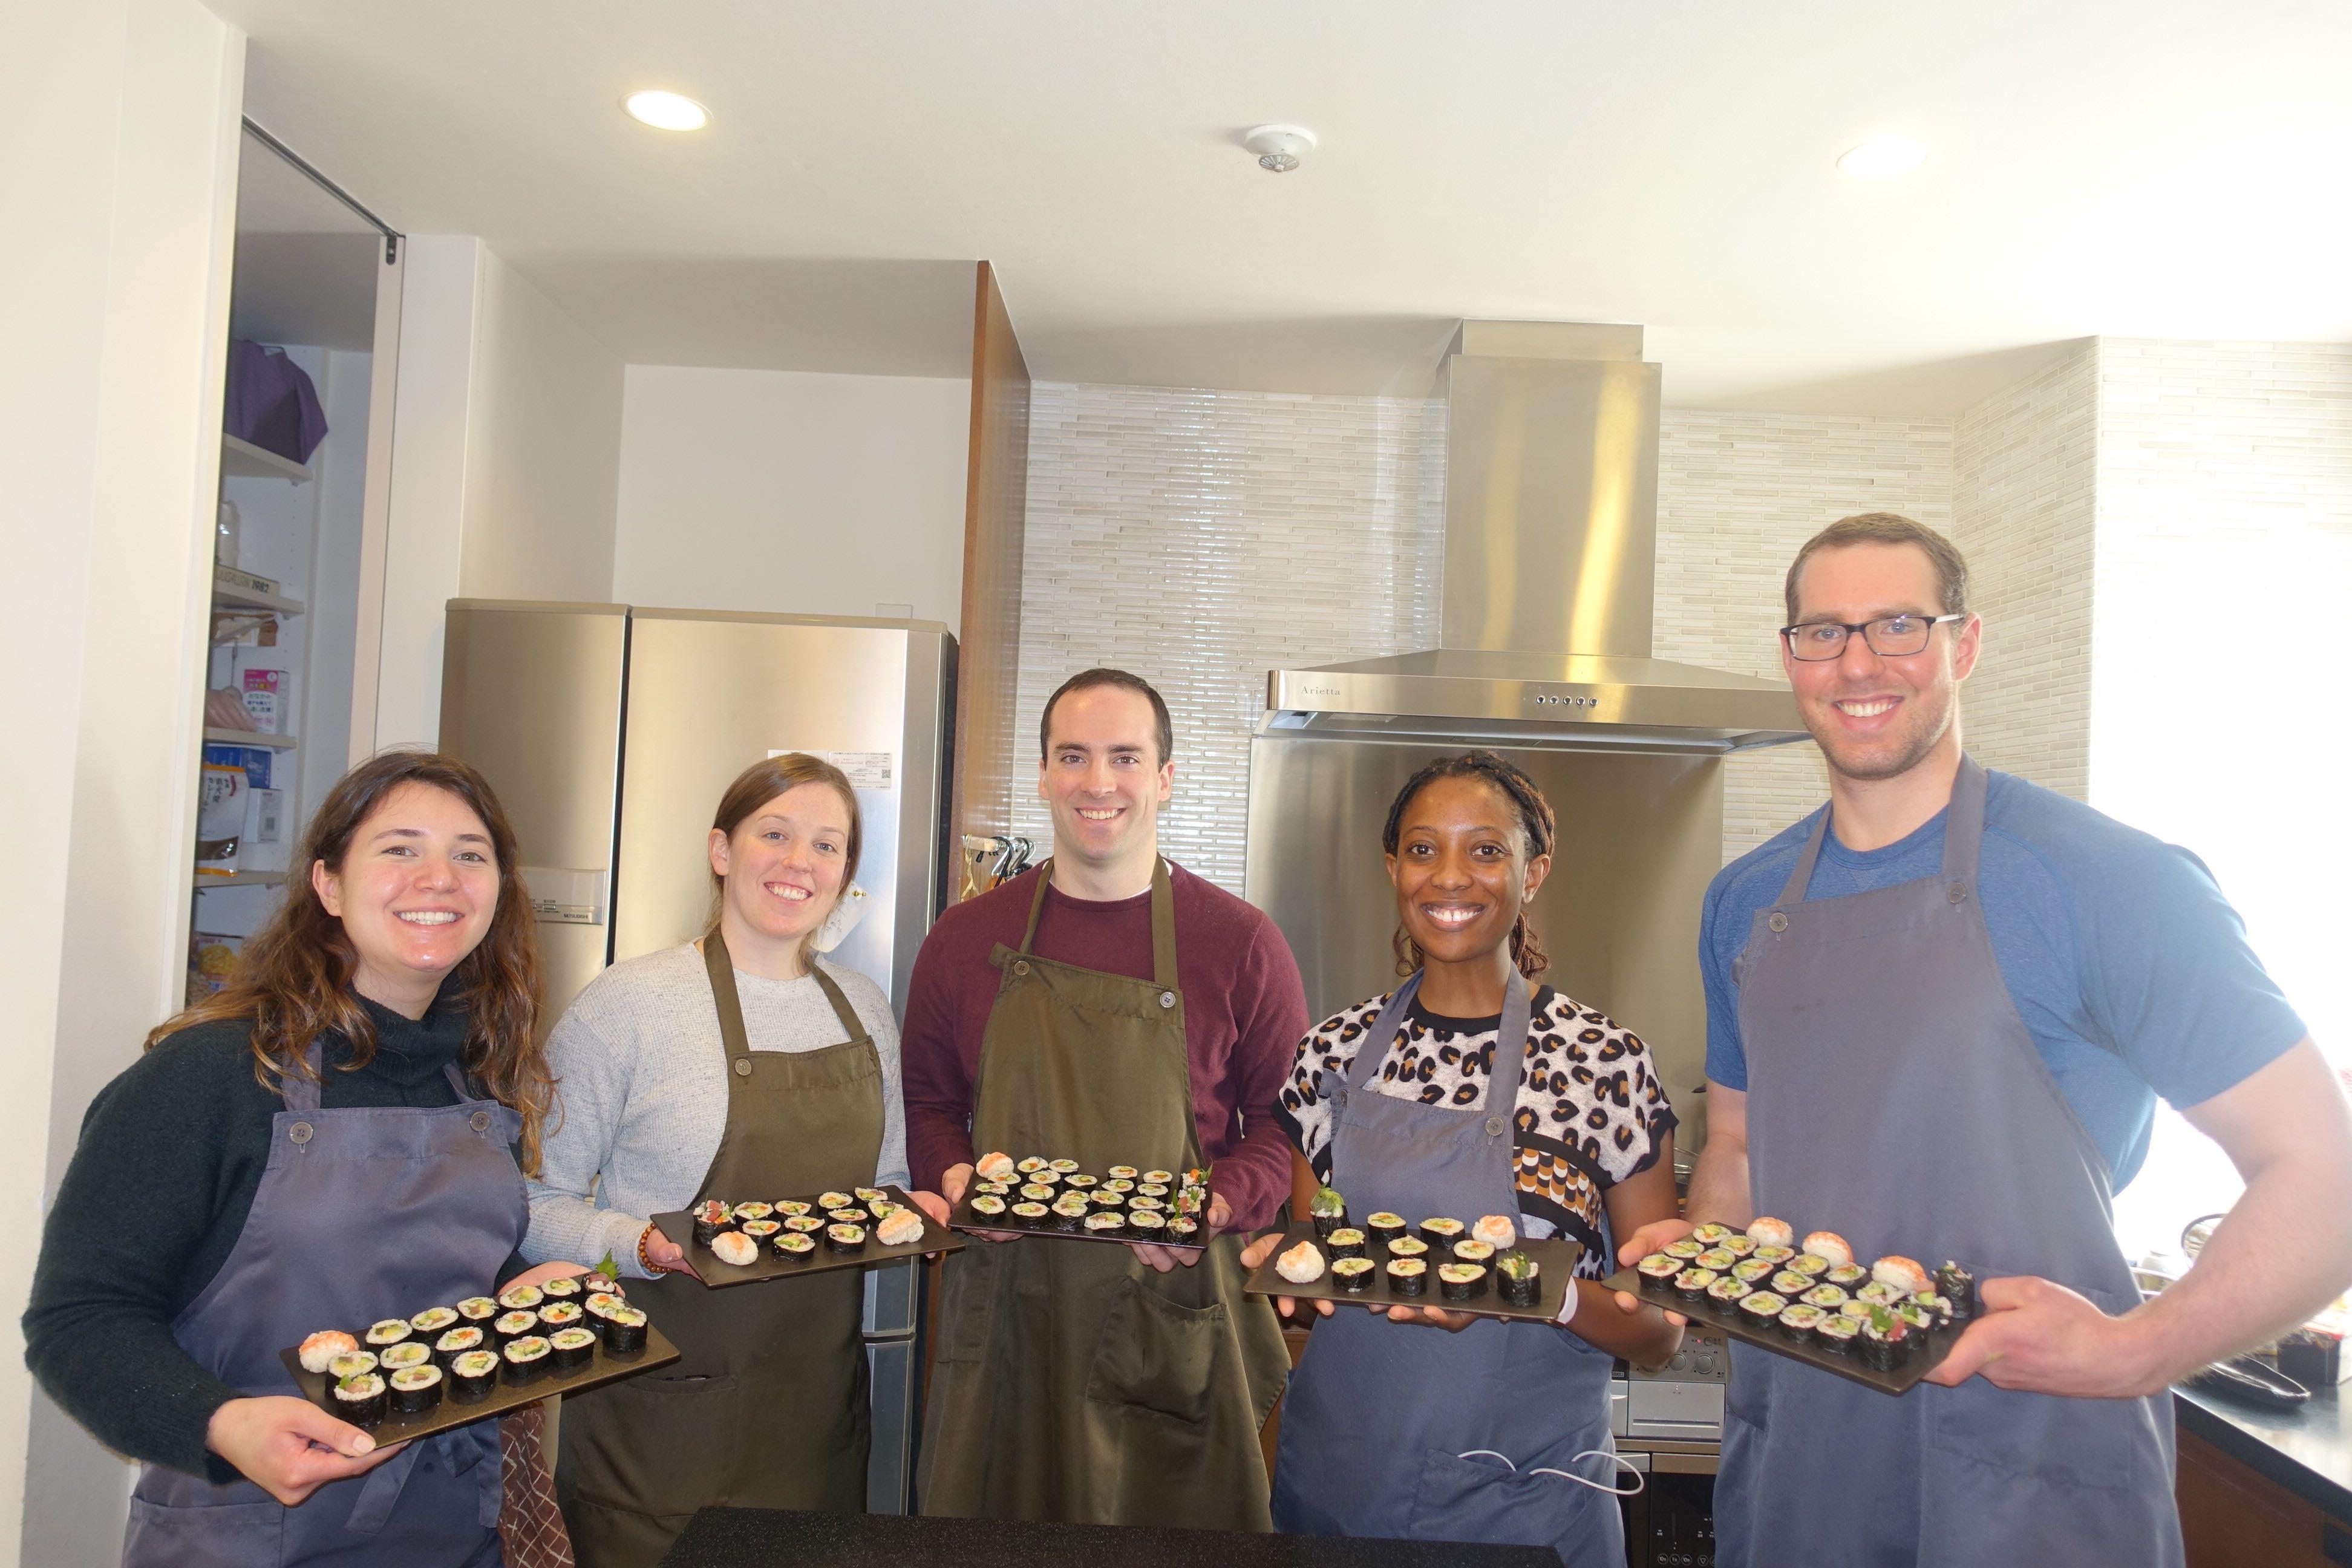 訪日客向けタビナカ体験「料理教室」の現場を取材した、予約の起点にはトリップアドバイザーが貢献